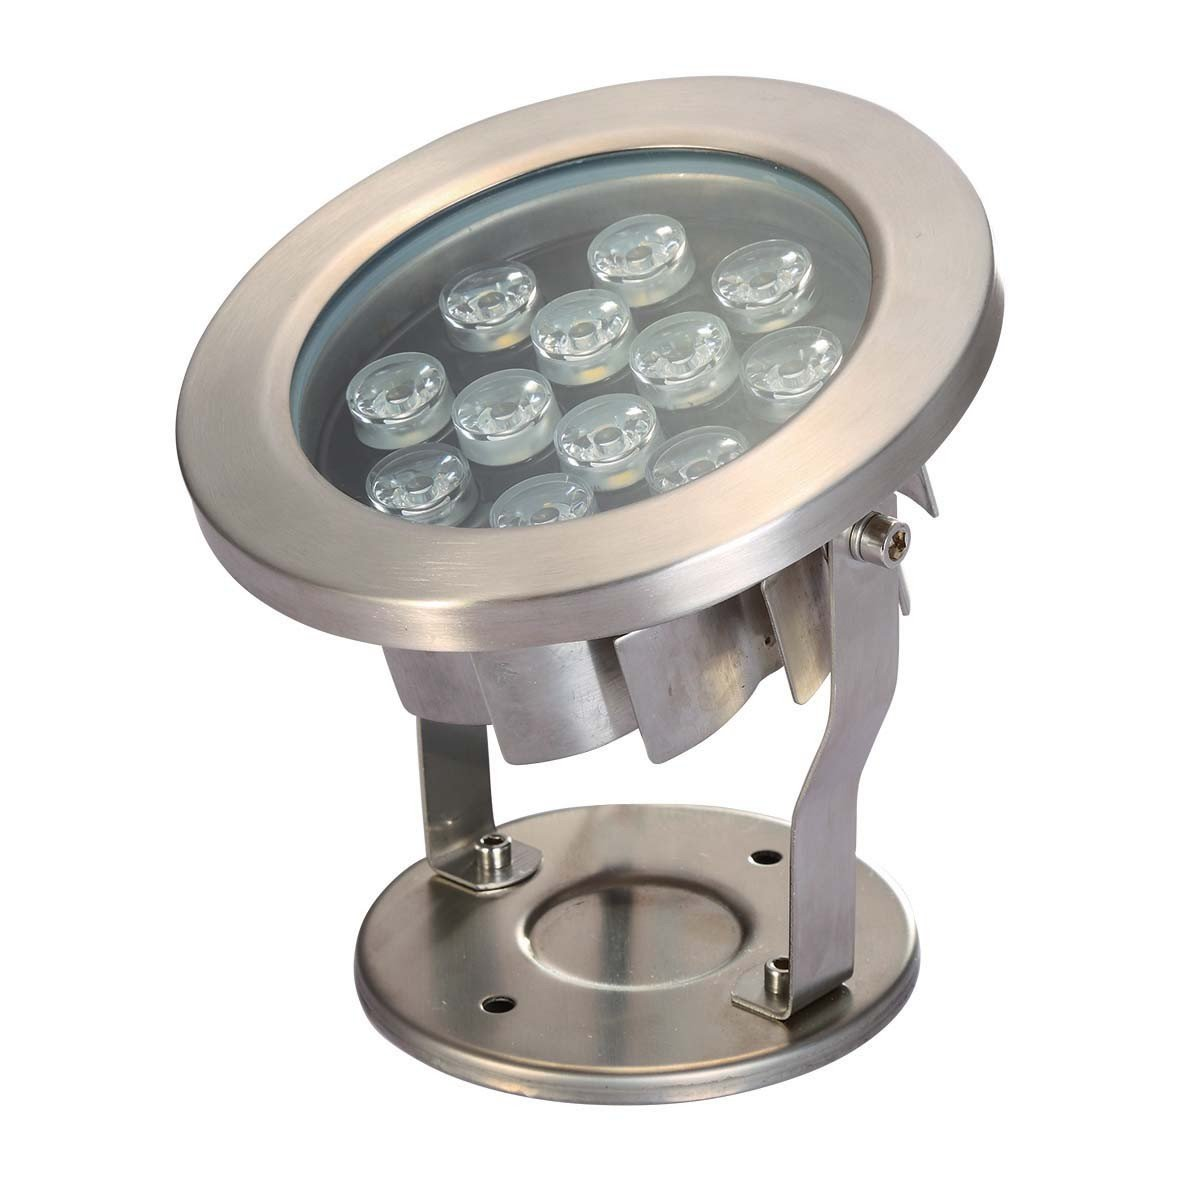 EasyPro 12 Watt Stainless Steel Underwater LED Light